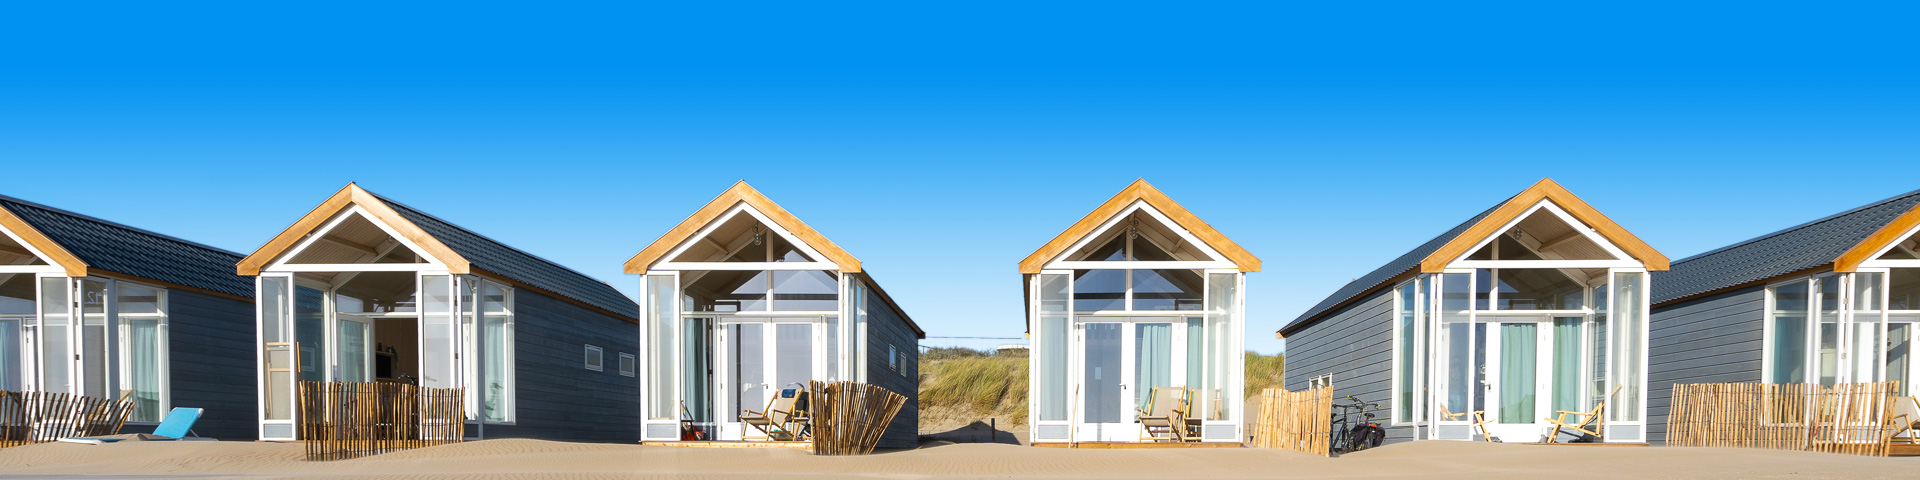 Een zonnige workation met uitzicht op strandhuisjes